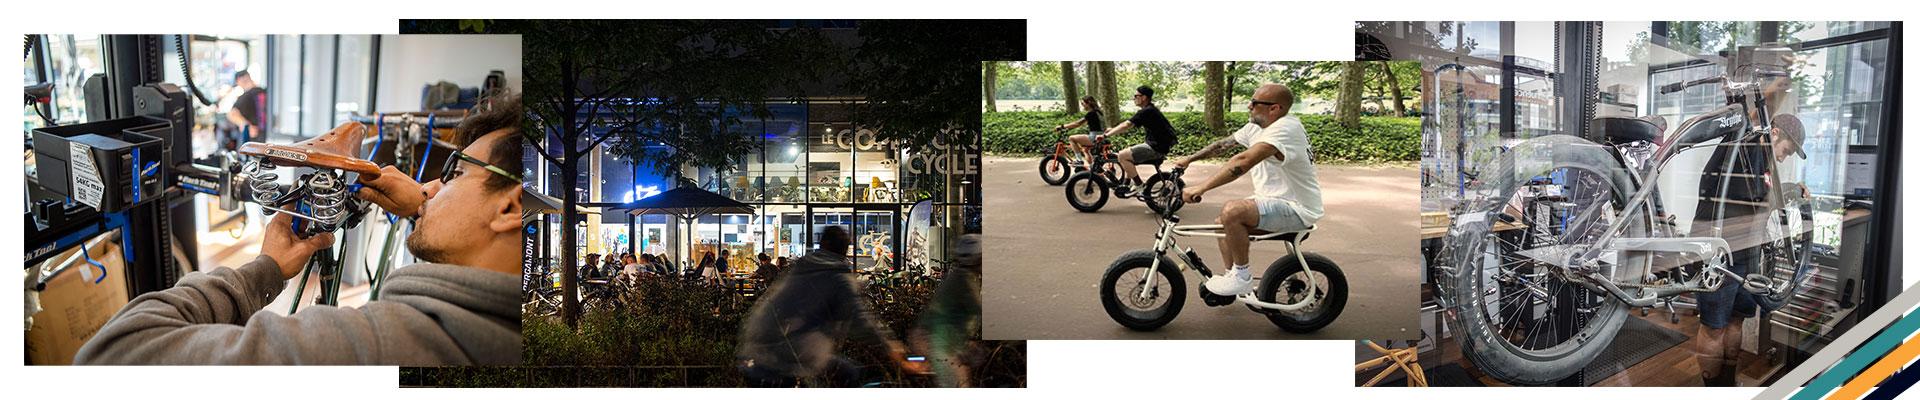 Le magasin et bar de vélo à Lyon Confluence